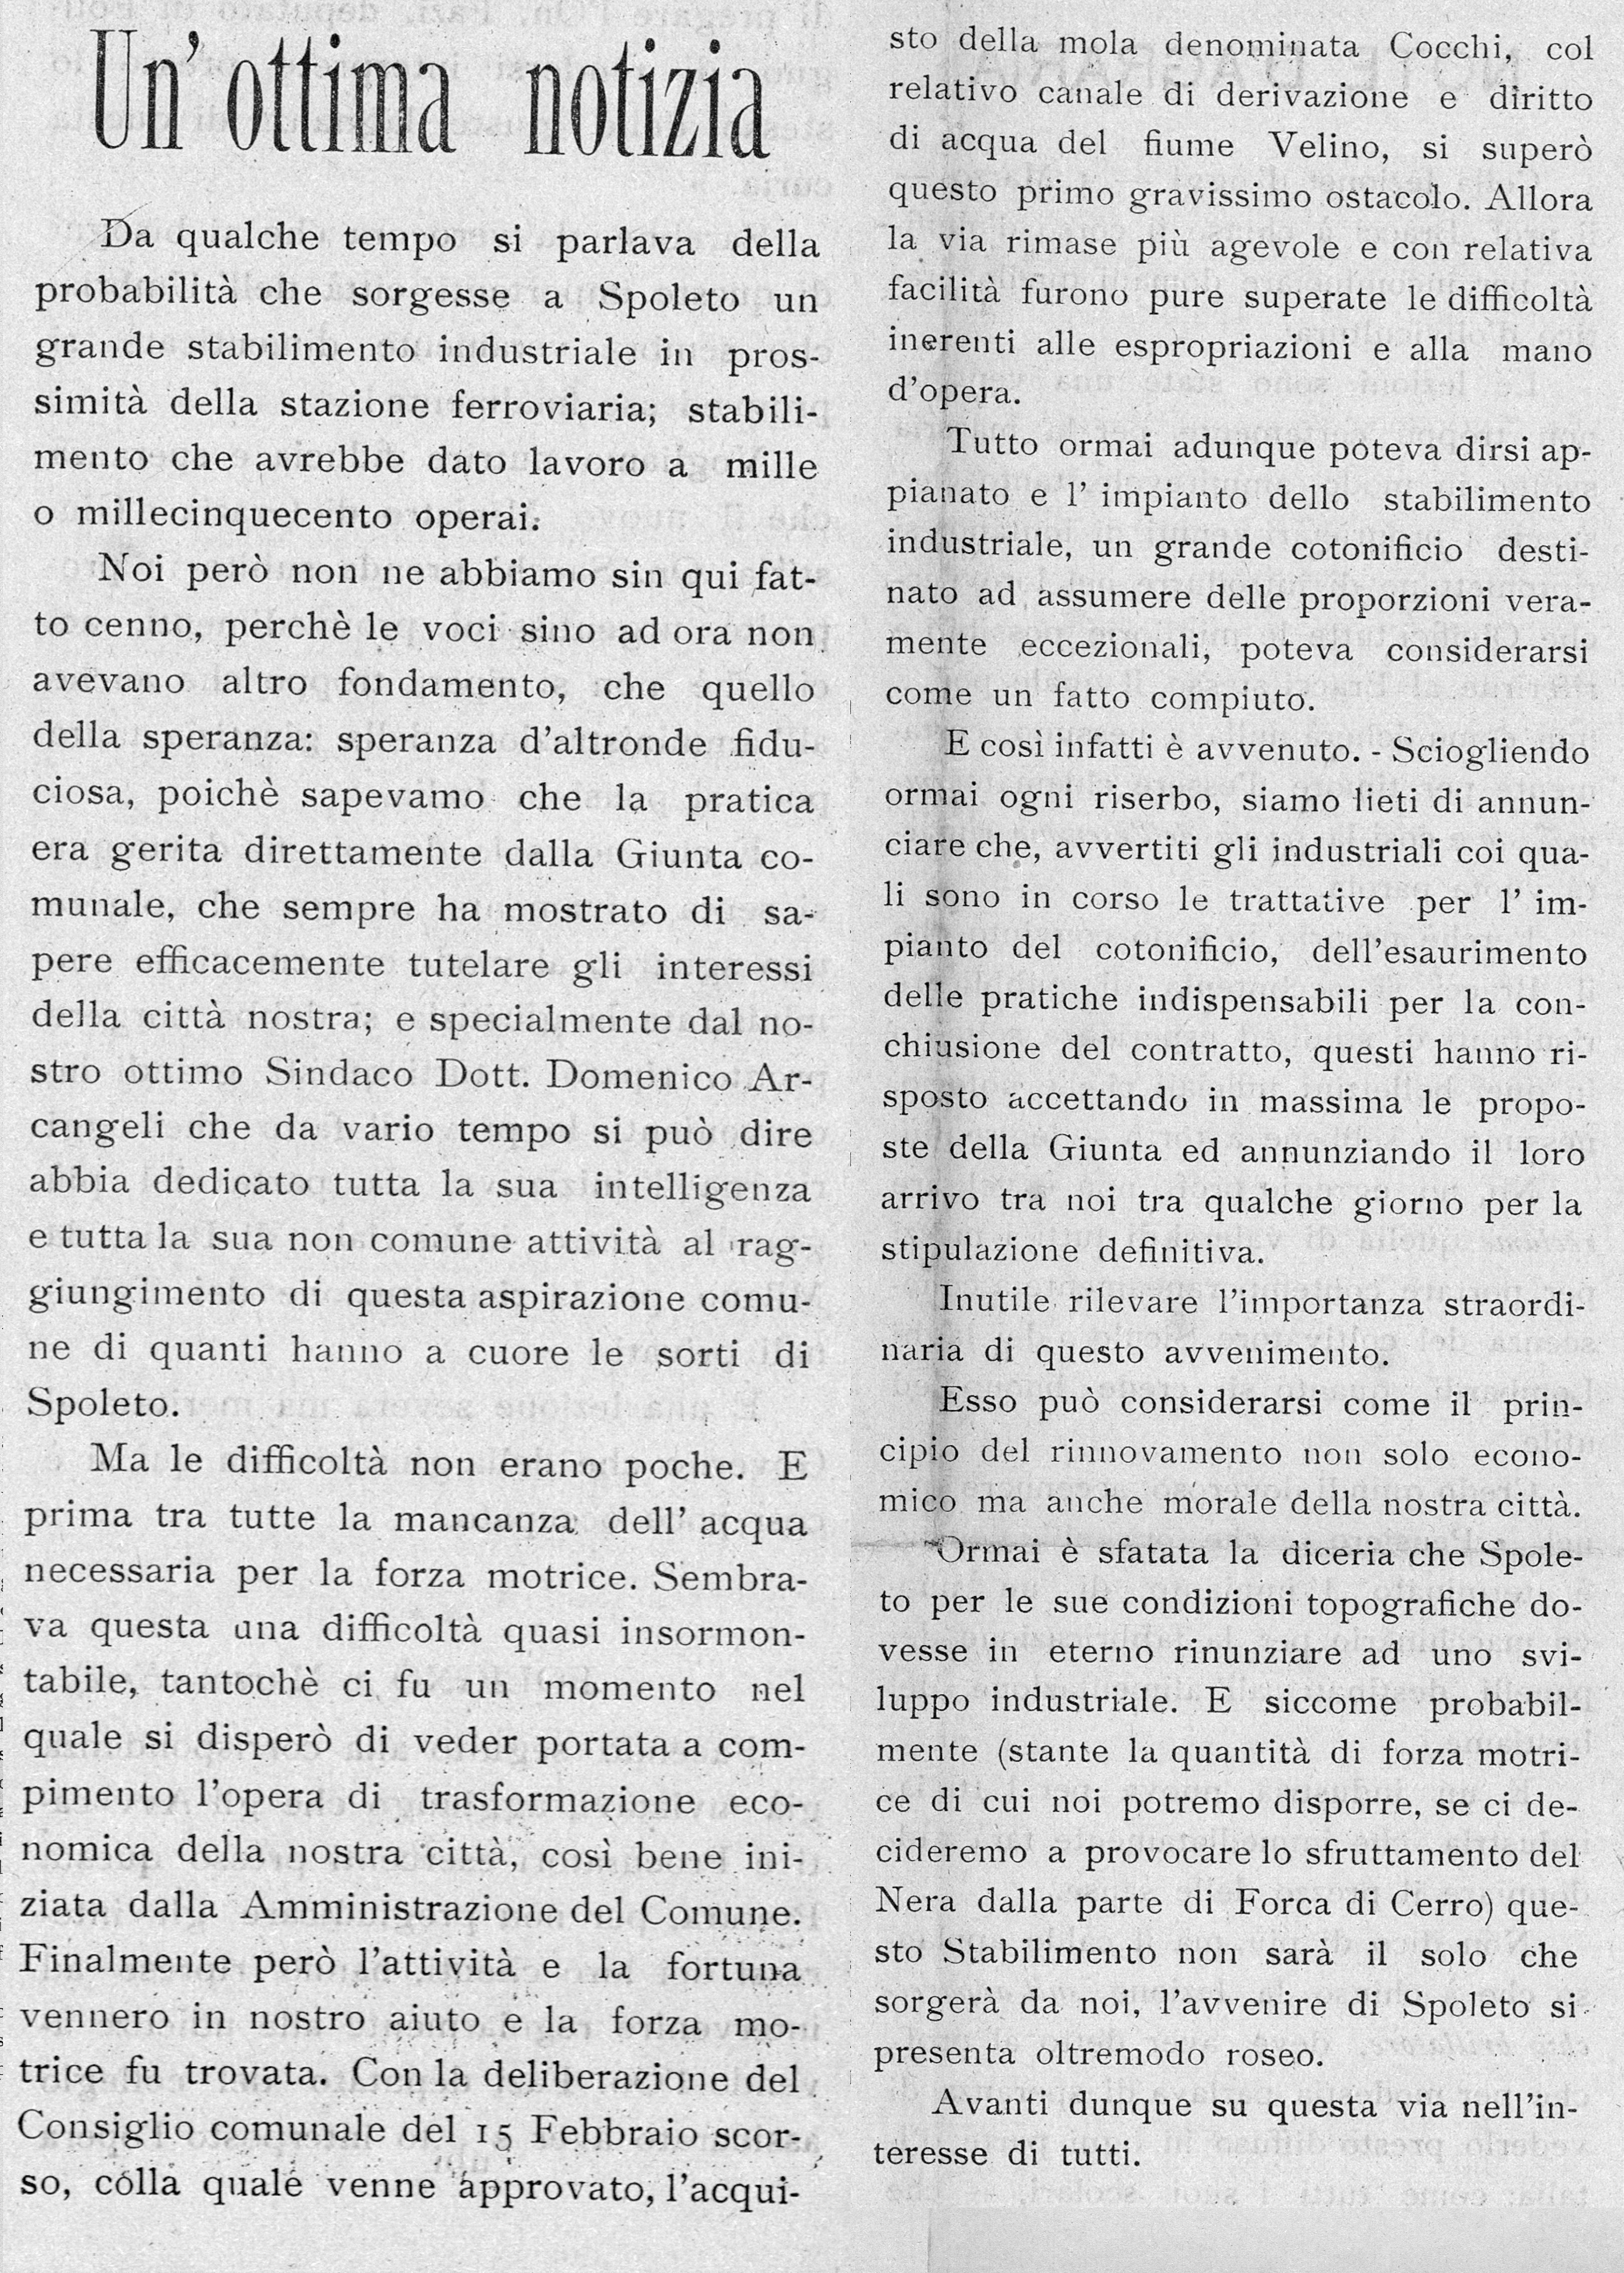 Il Pensiero Radicale | 1 marzo 1906